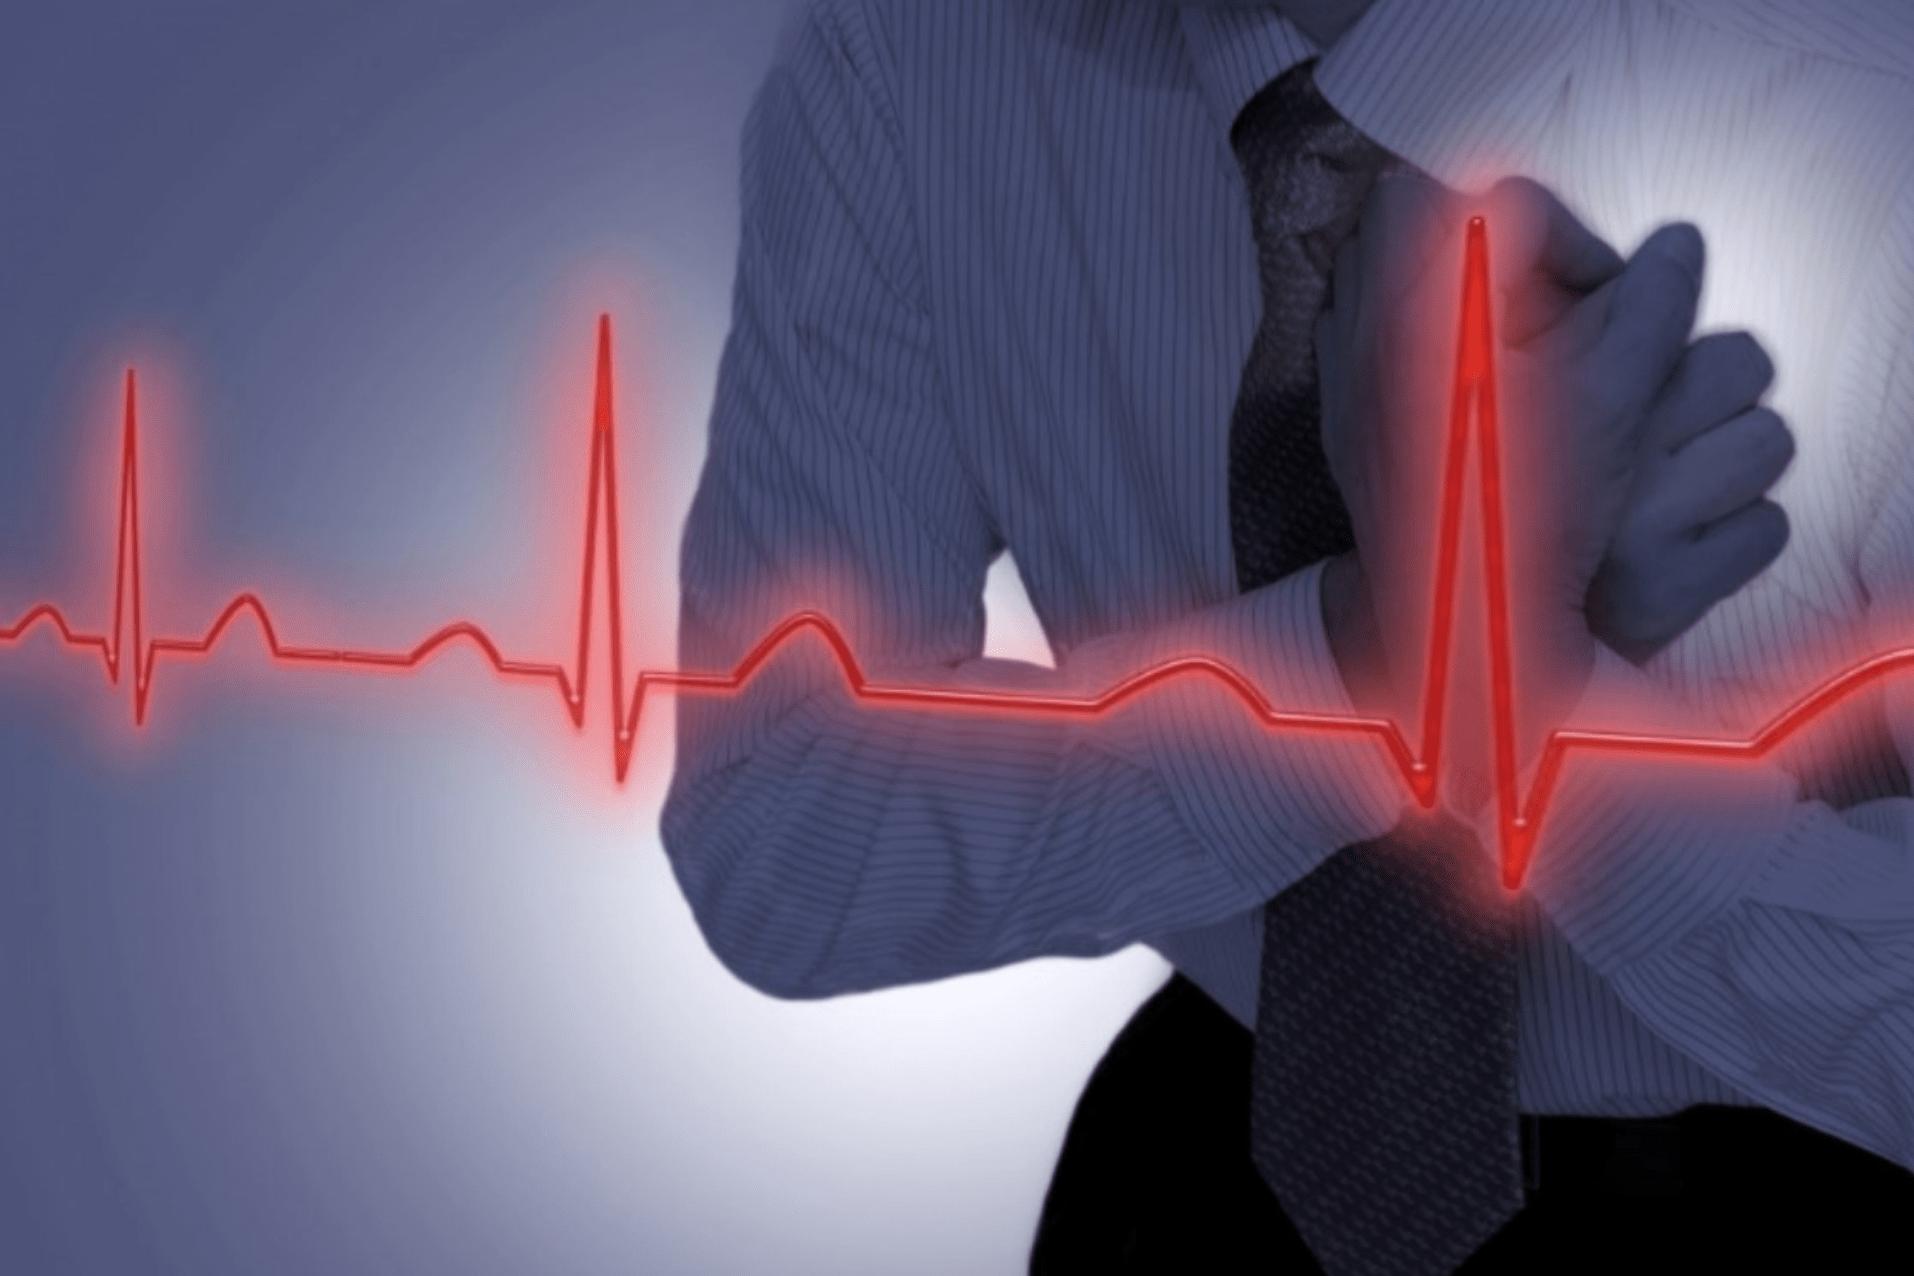 心律不整恐猝死...為何會出現「心室早期收縮」?心臟科醫師解釋   信傳媒